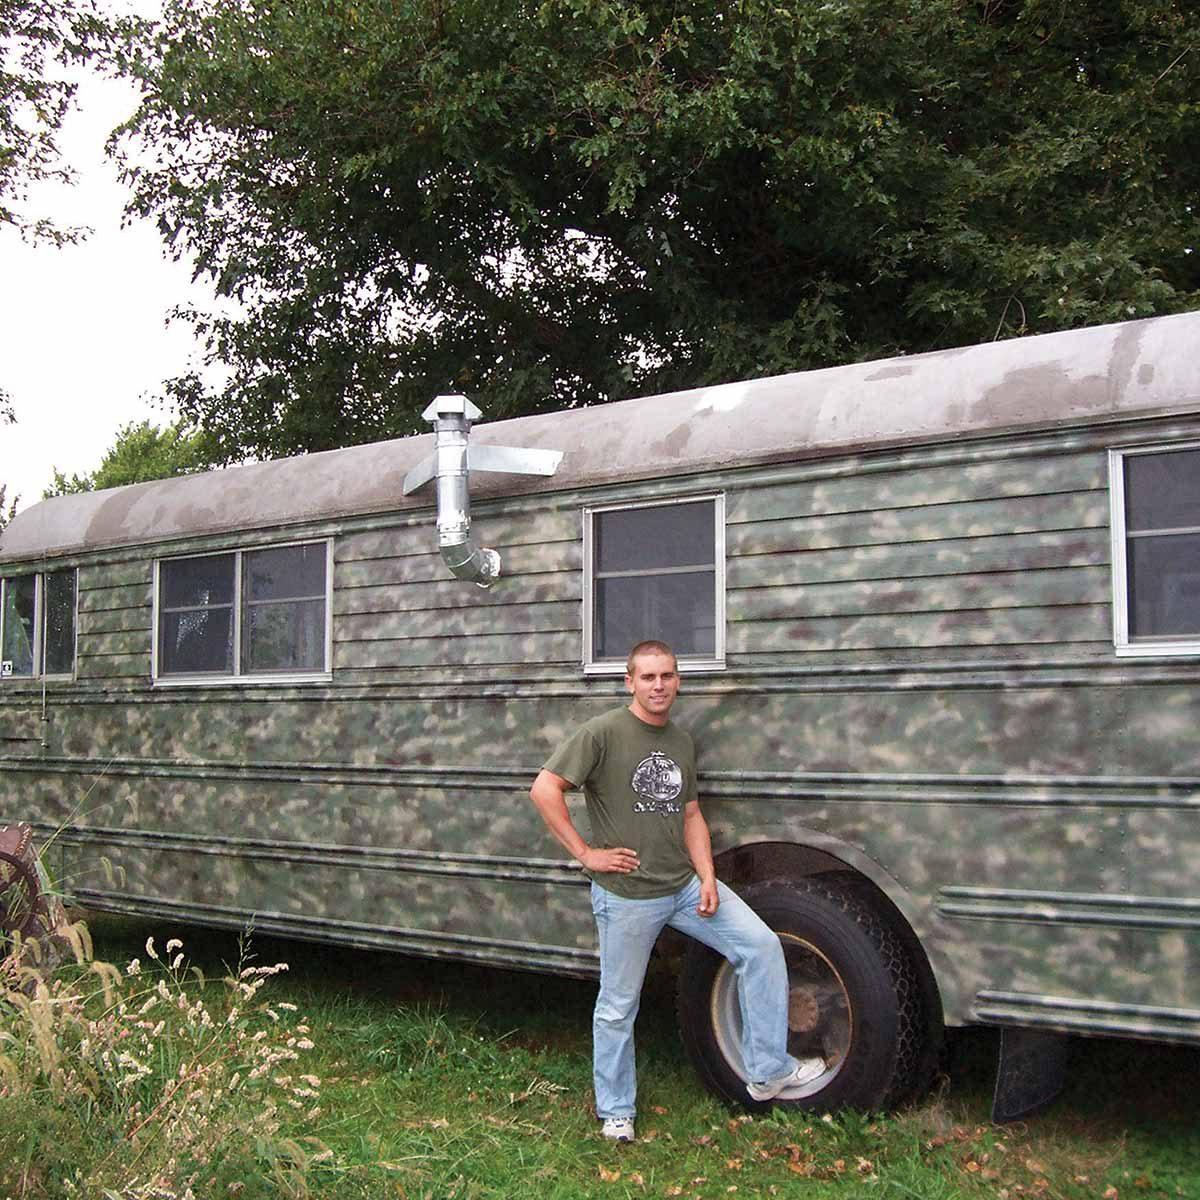 School bus to cabin on wheels